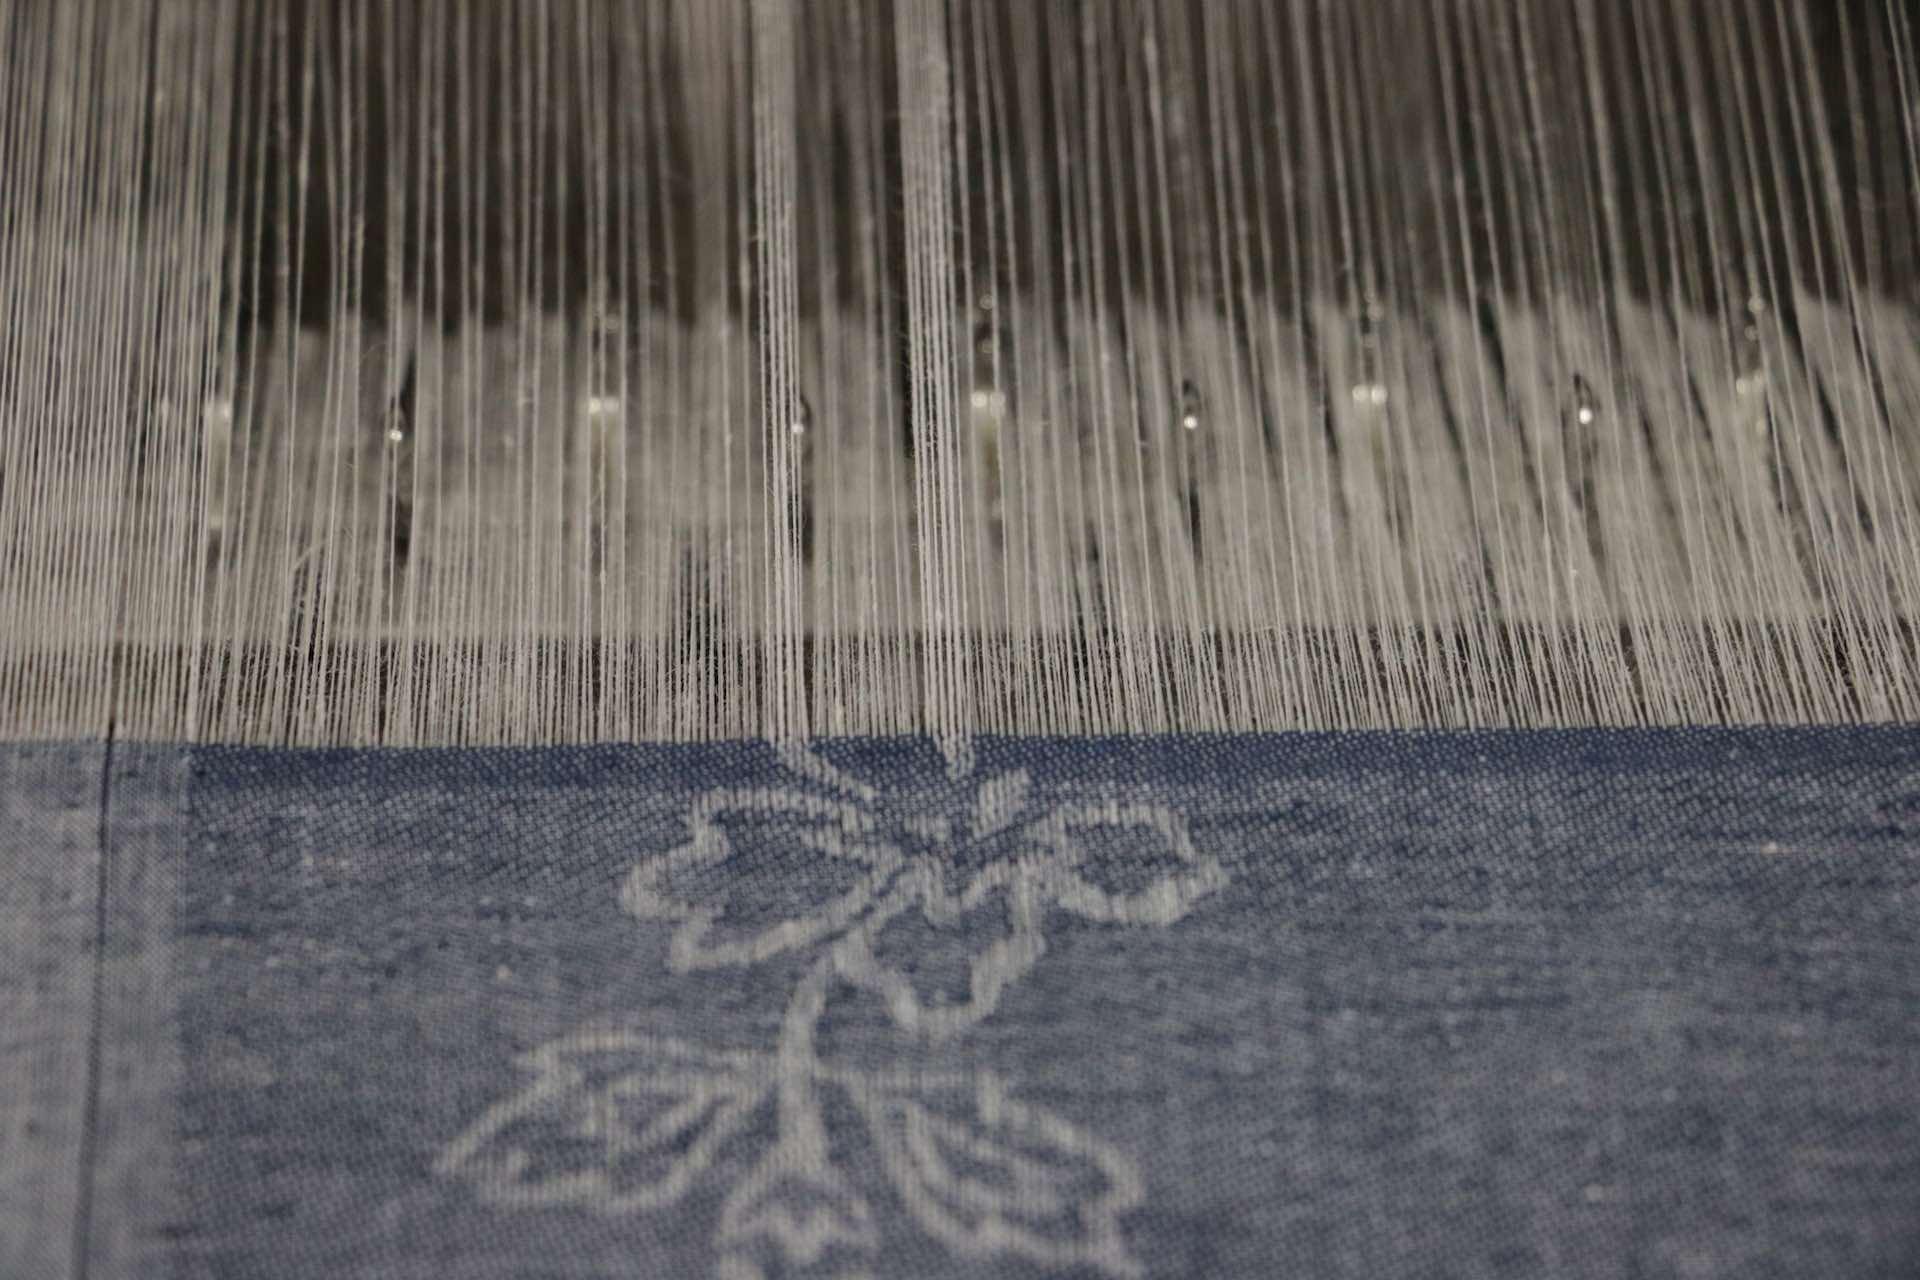 織り途中の様子。模様の部分は、白のタテ糸が多く集まって糸筋がくっきりと見て取れます